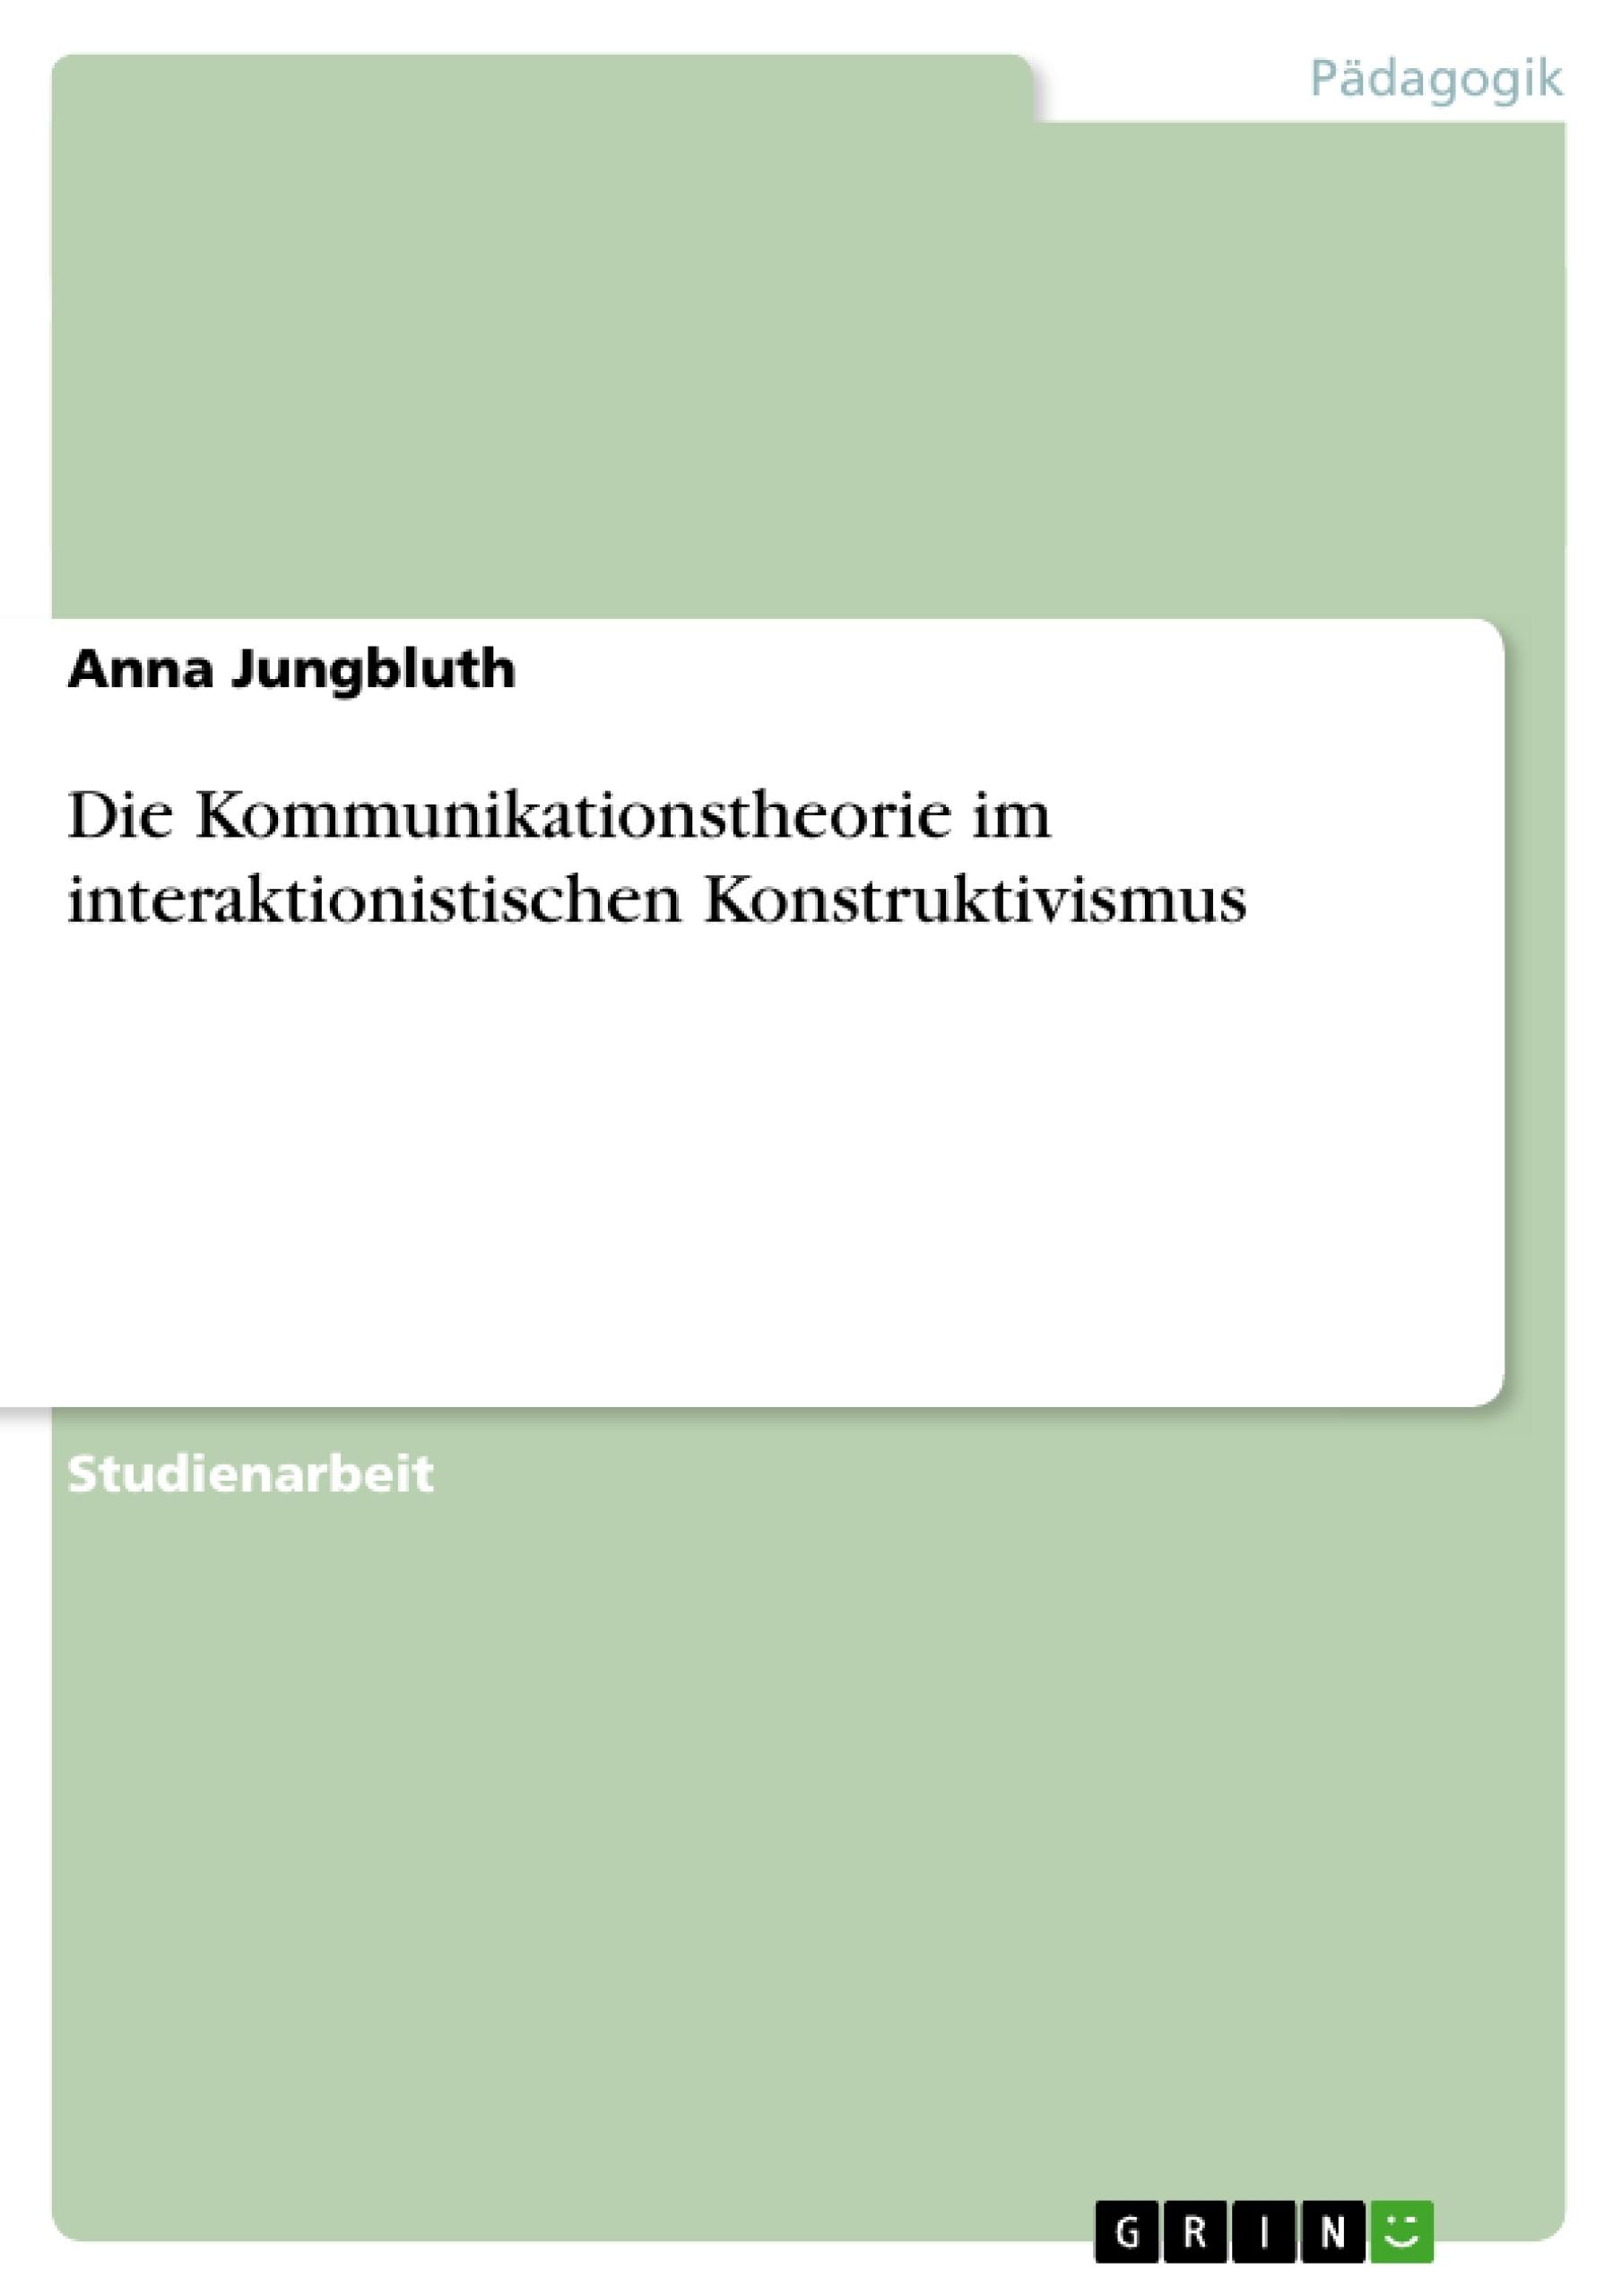 Titel: Die Kommunikationstheorie im interaktionistischen Konstruktivismus